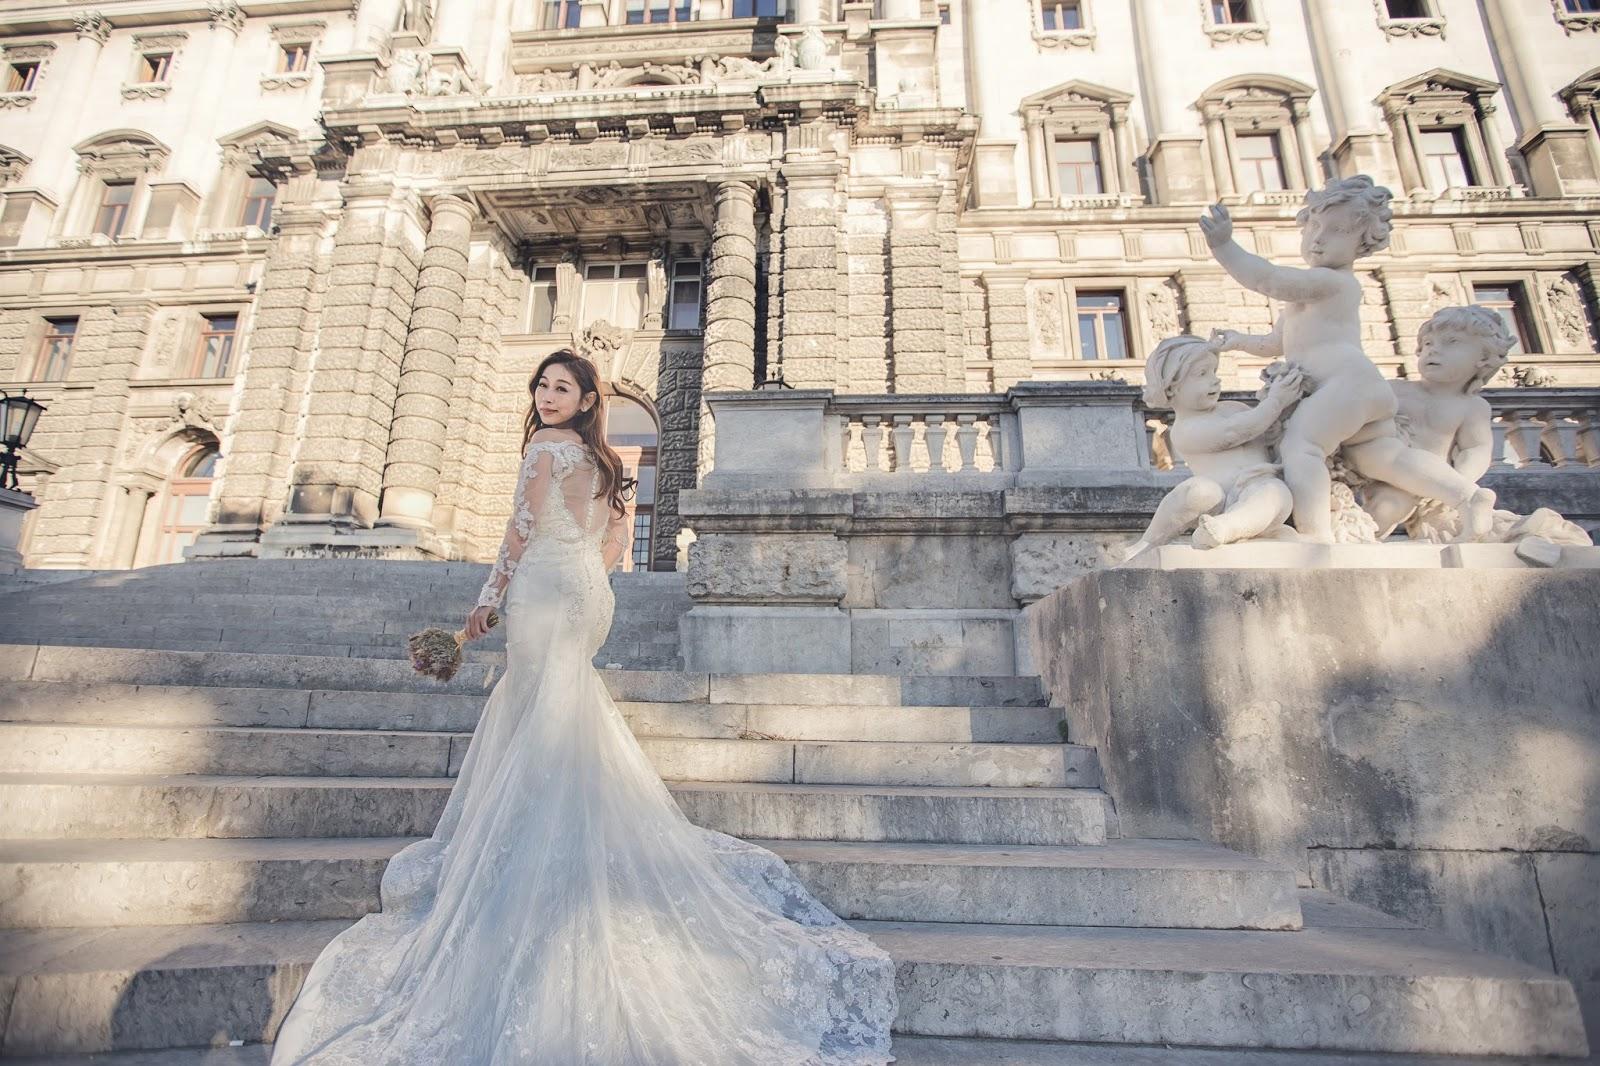 維也納婚紗 wien Vienna 奧地利 海外婚紗 布拉格PRAGUE婚紗 哈爾施塔特 世界最美的小鎮 法國巴黎麵包 威尼斯水都自助遊 婚攝小布哥 維也納豬肋排 教堂婚紗